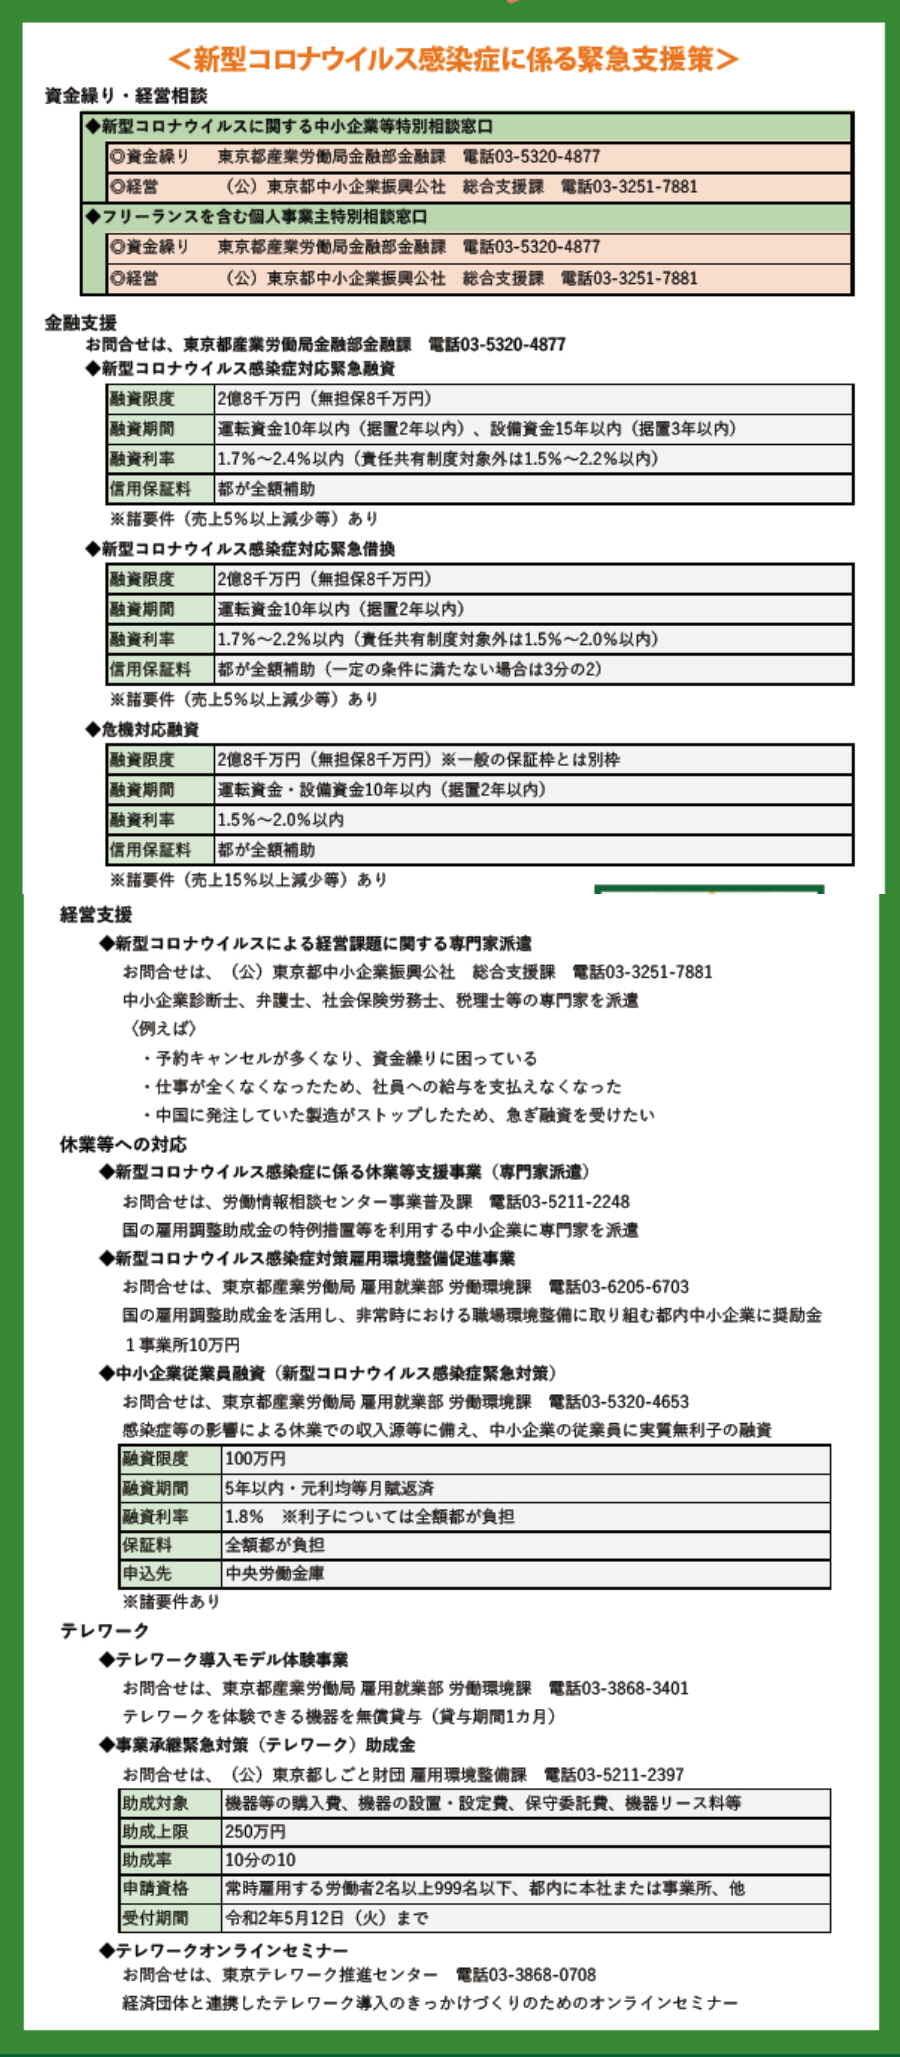 新型コロナウイルス感染症に係る緊急支援策_f0059673_10004816.jpg